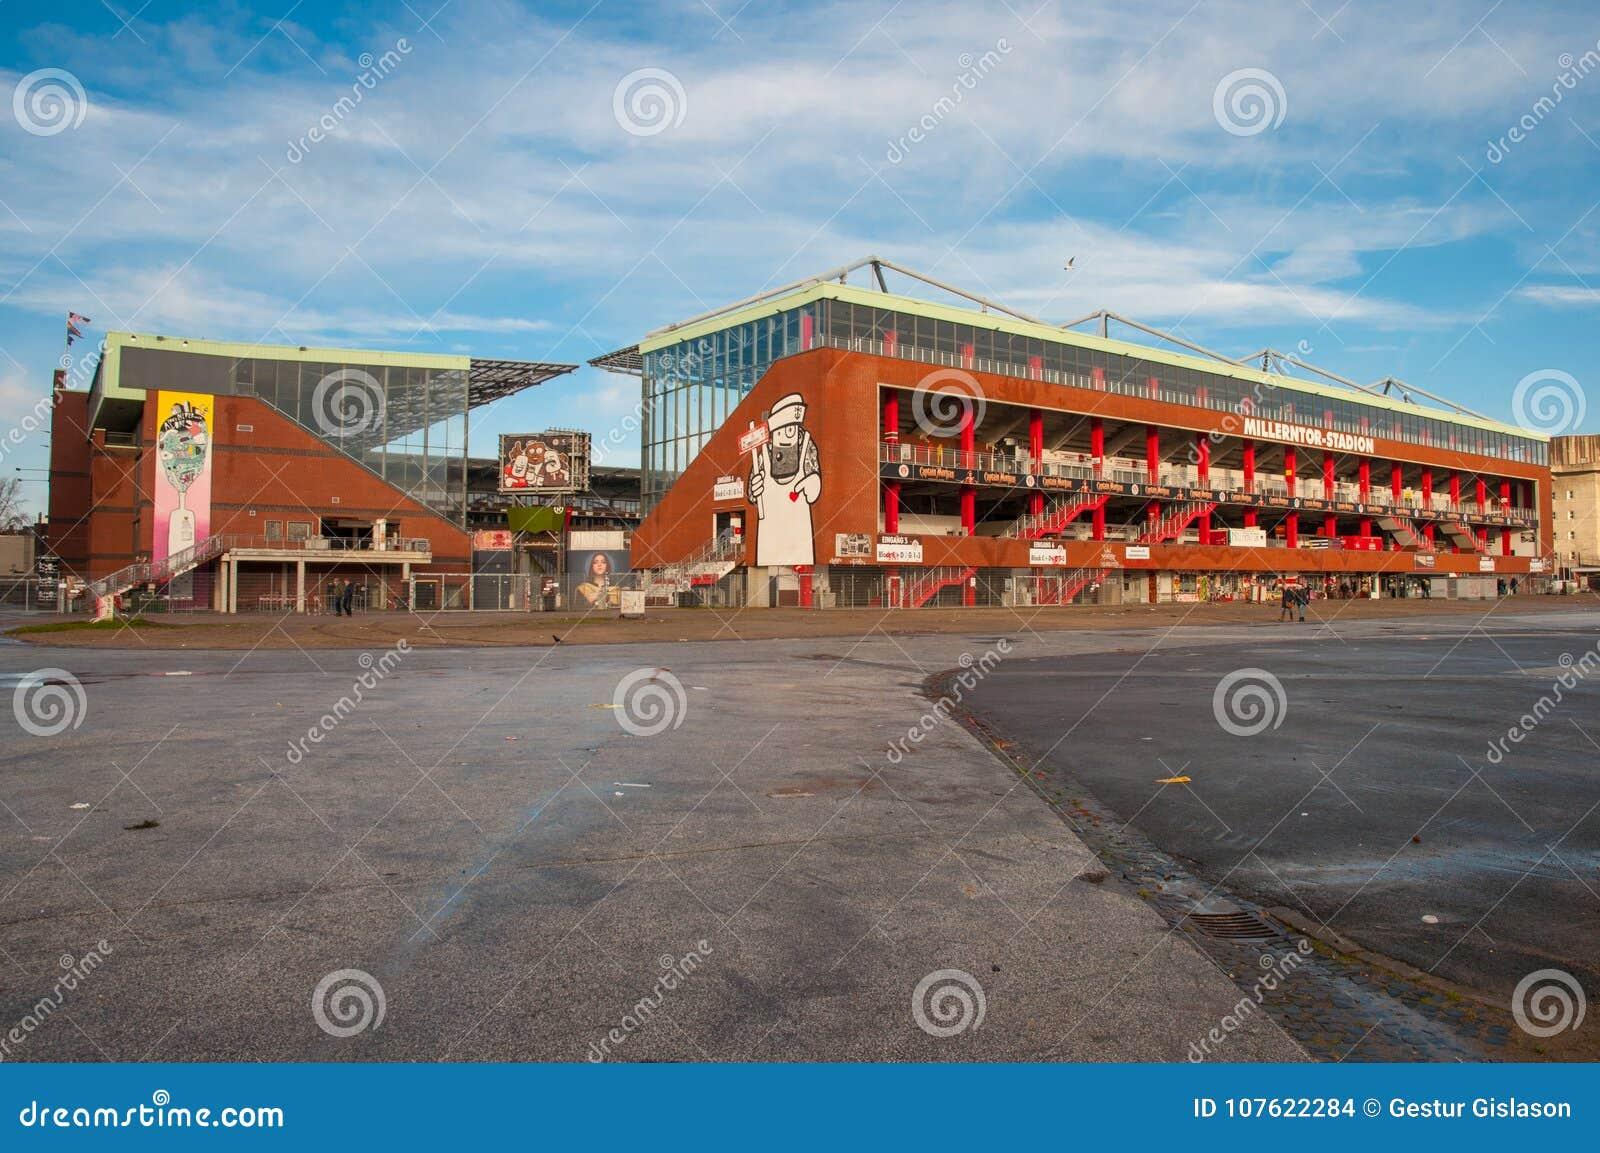 St. Pauli arena in Hamburg Germany